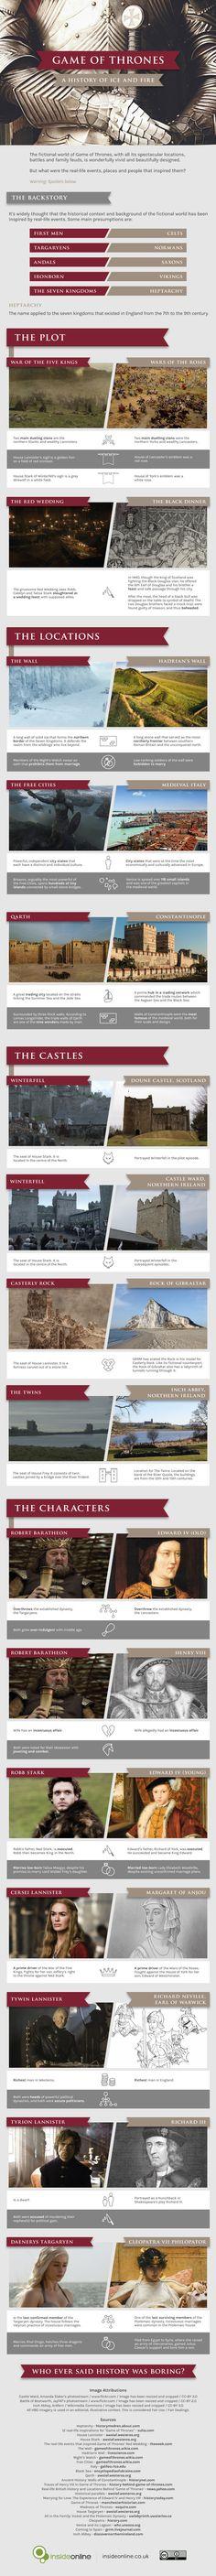 Detalles históricos reales en los que se inspira Juego de Tronos